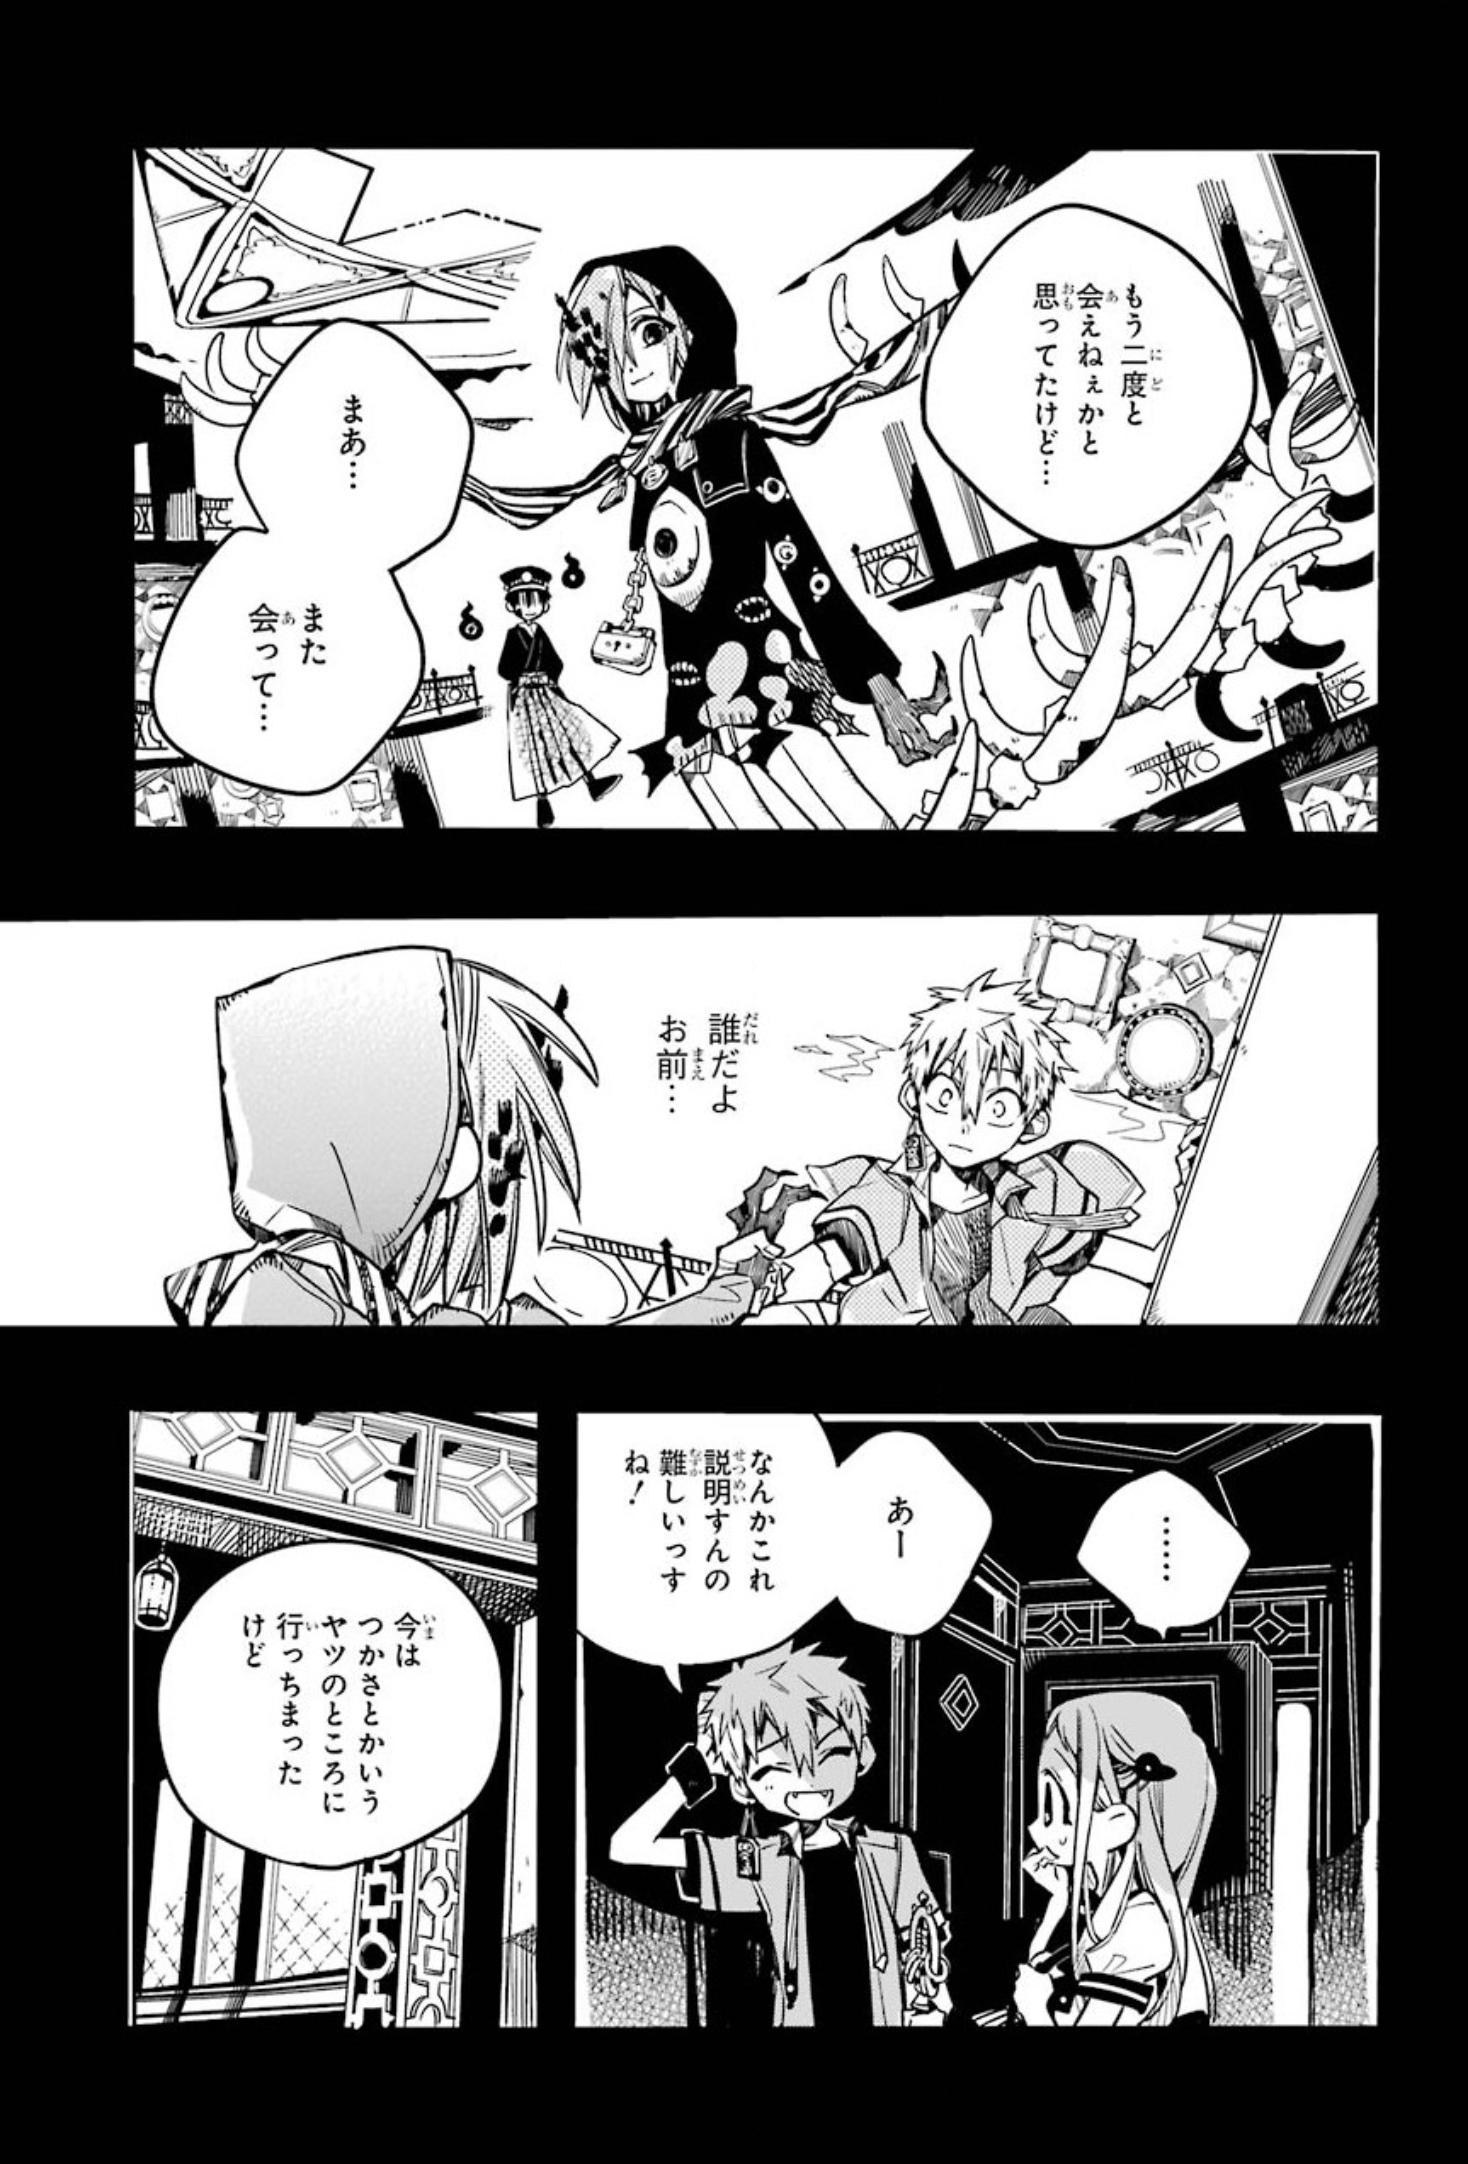 『地縛少年花子くん』の魅力2:怖くも切ない、怪異たちの物語に惹き込まれる